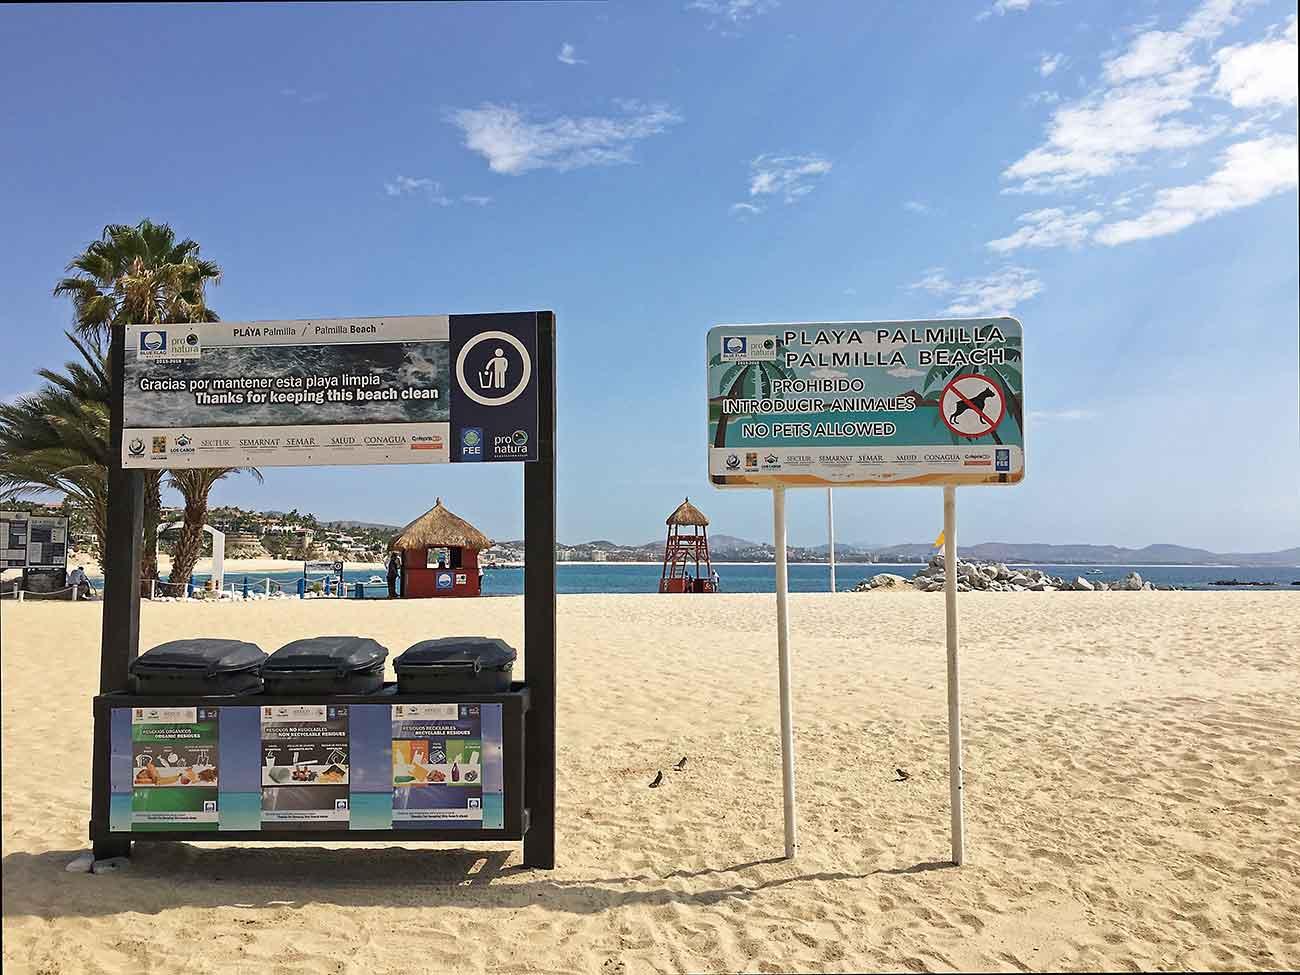 Palmilla Beach or Playa Palmilla in San Jose del Cabo, Los Cabos